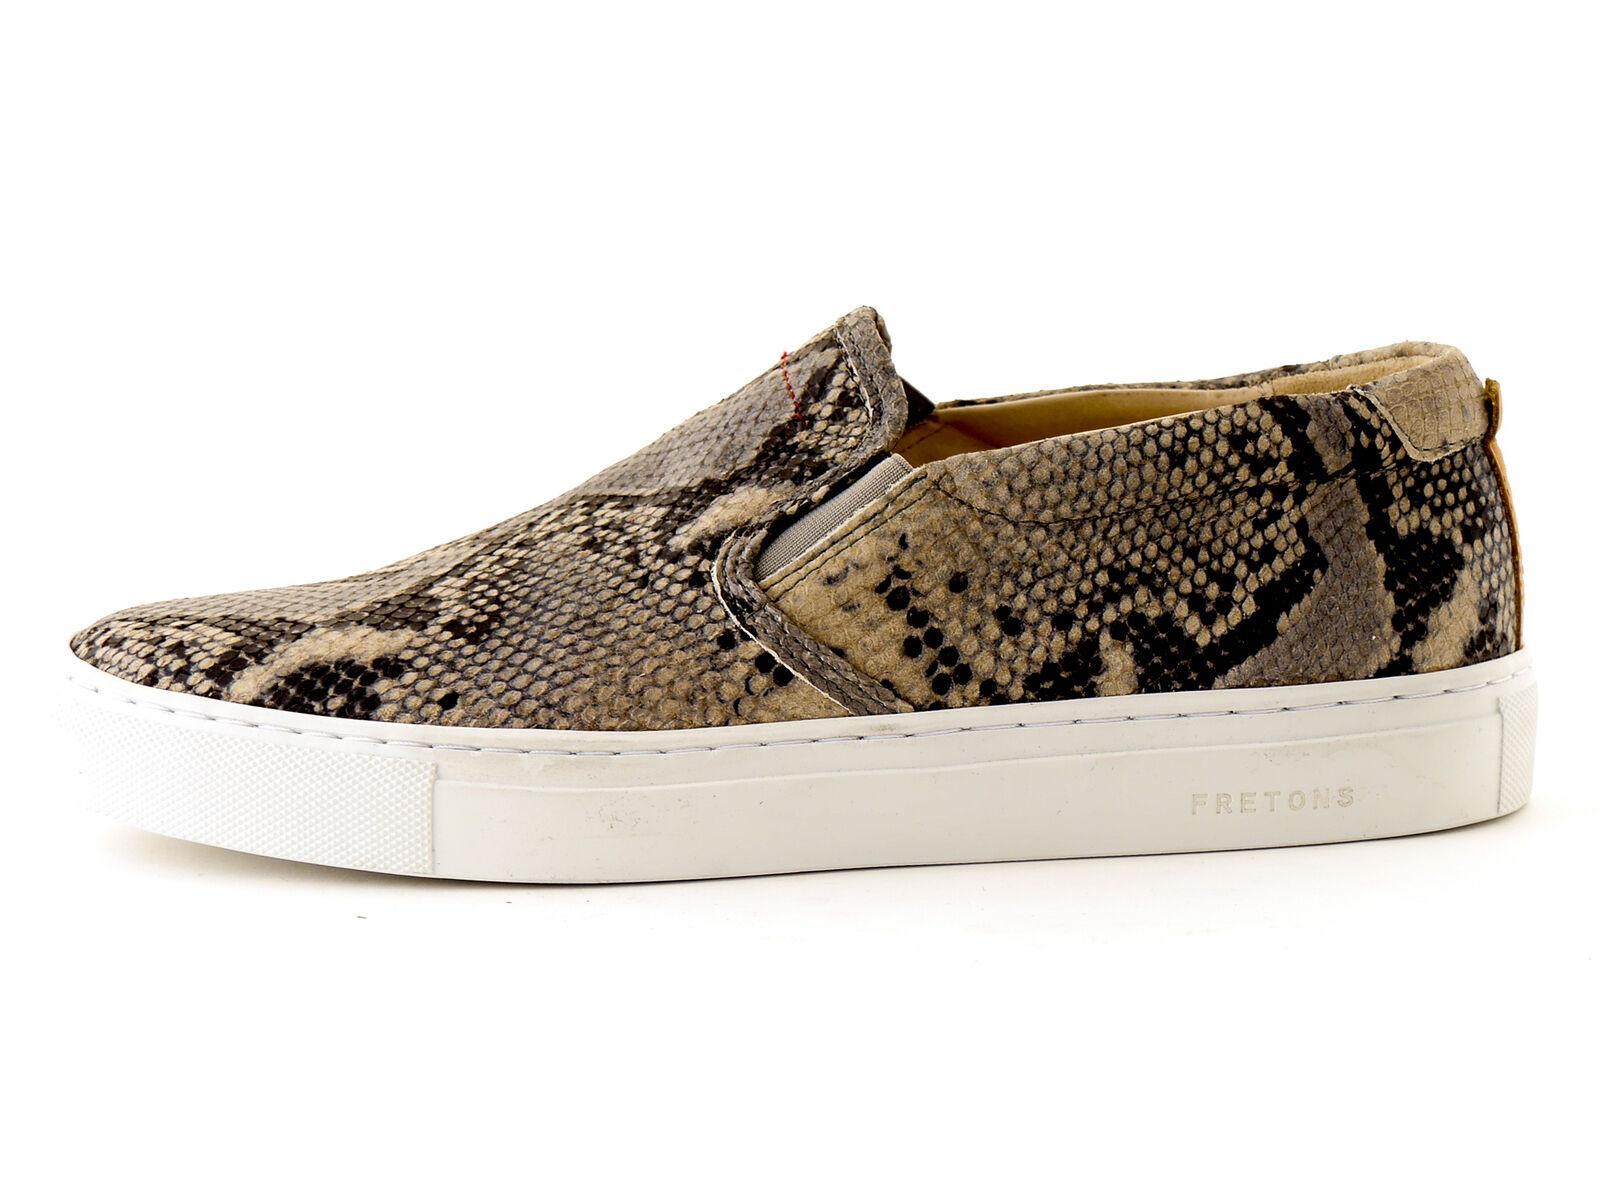 Fretons Schuhe Slipper Leder Slip On grau Schlangenmuster Leder Slipper Gummi Patch f164d1